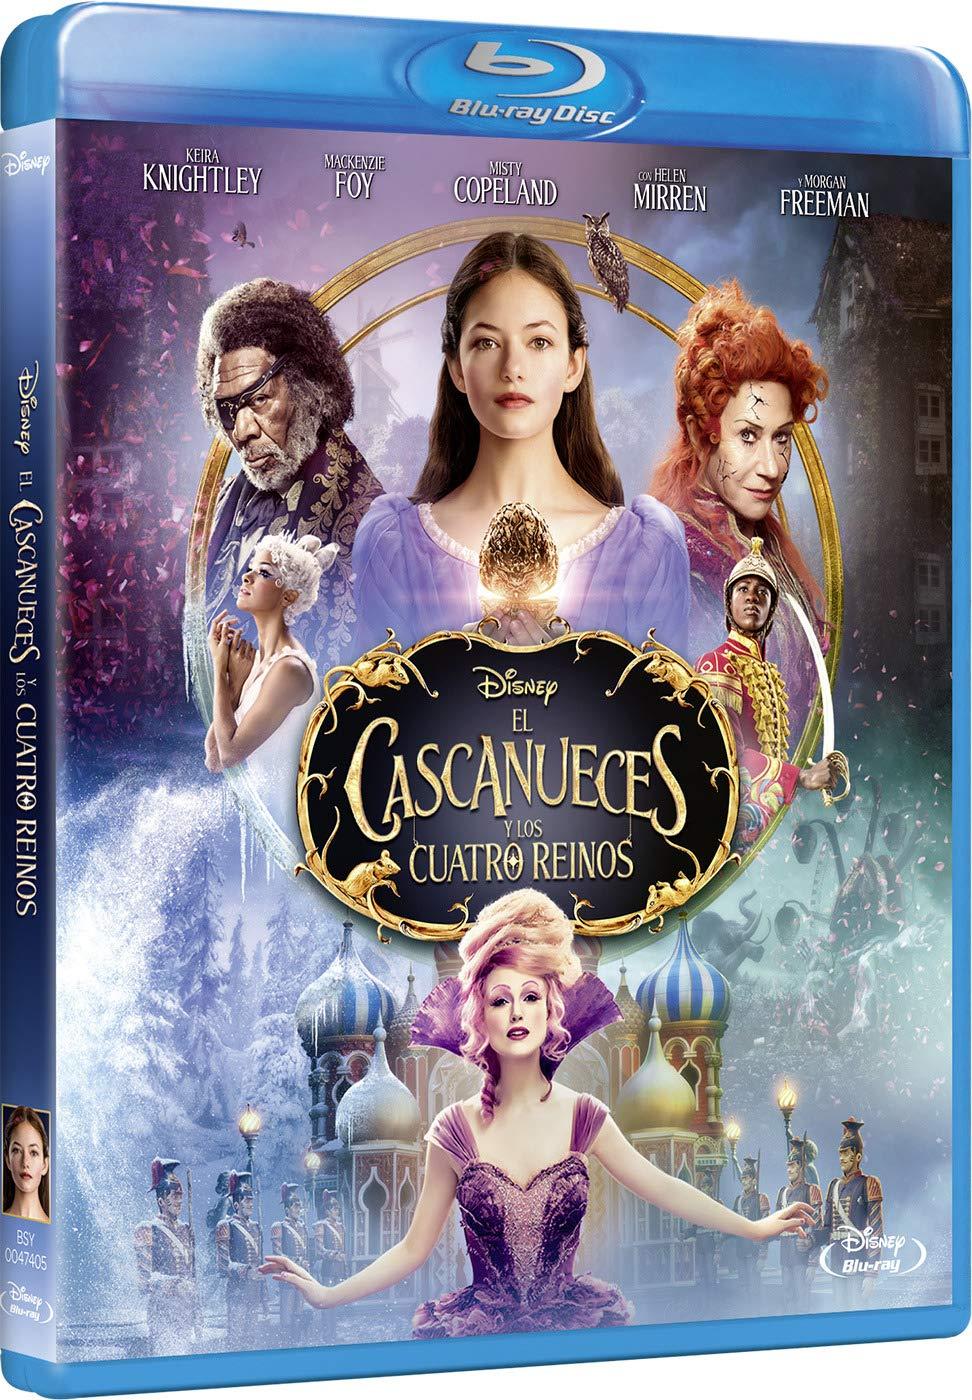 El Cascanueces y los cuatro reinos dvd